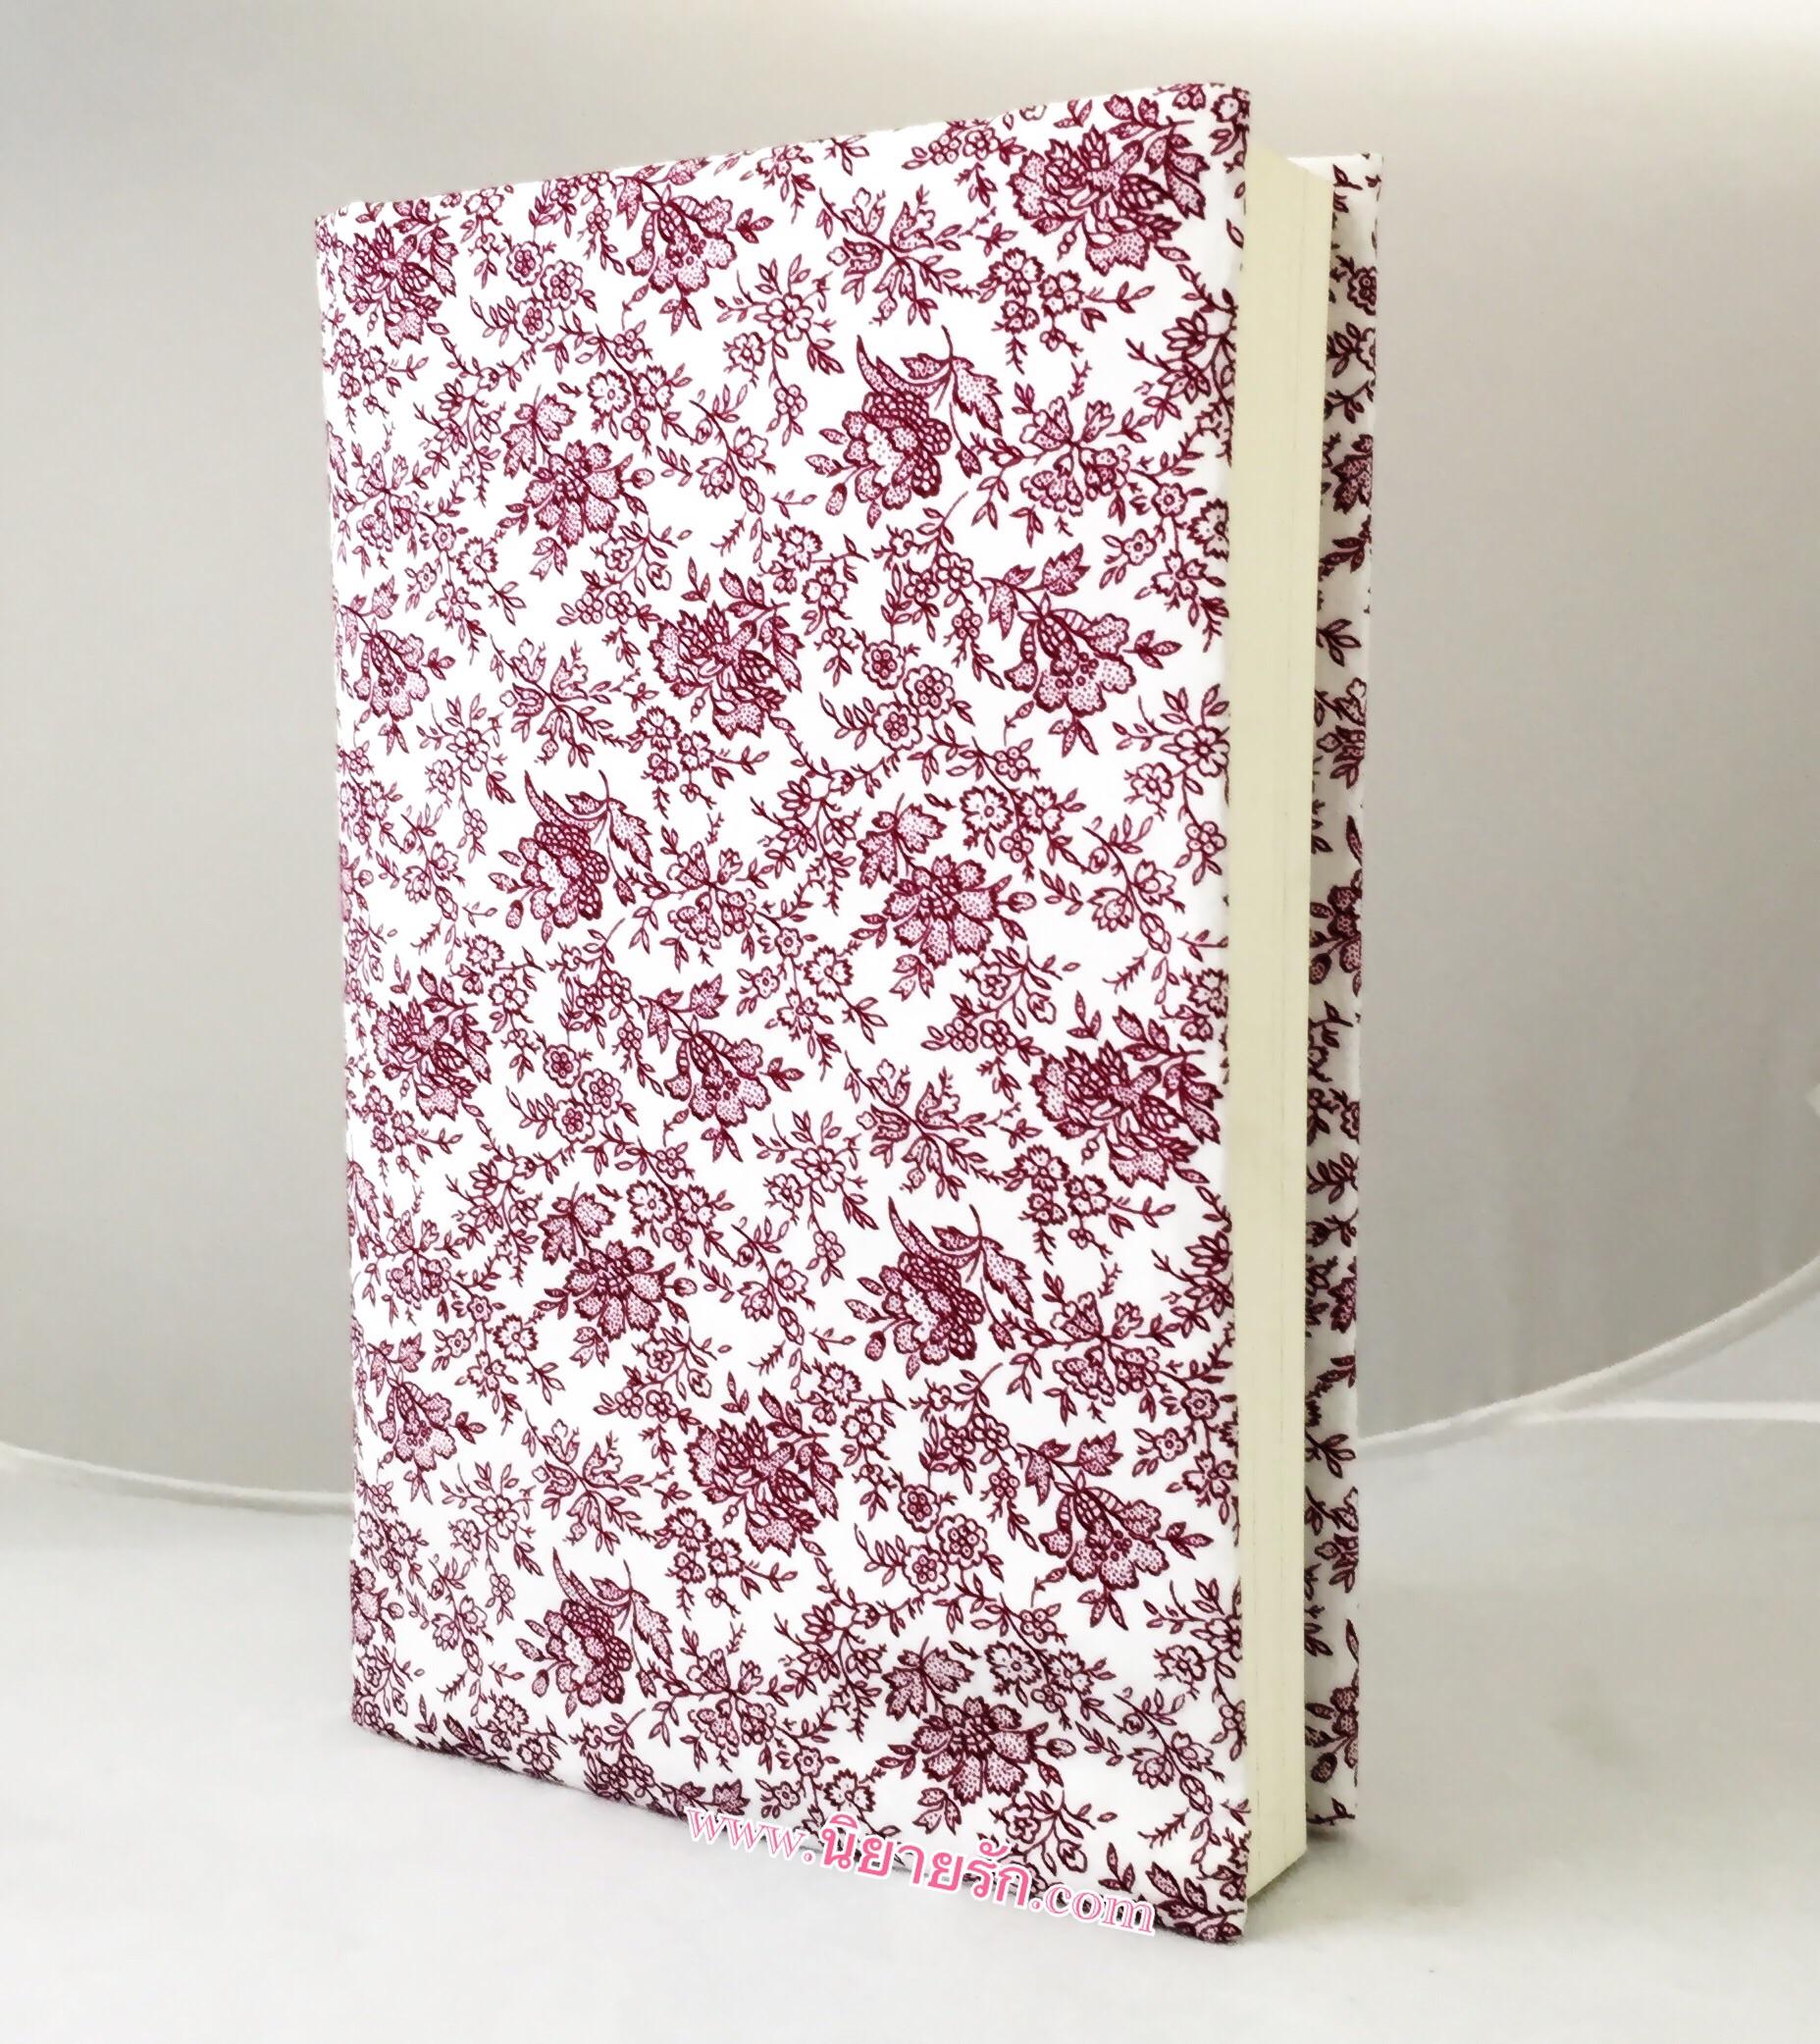 ปกผ้า หนังสือ ปกผ้าขนาดขนาด 8.2